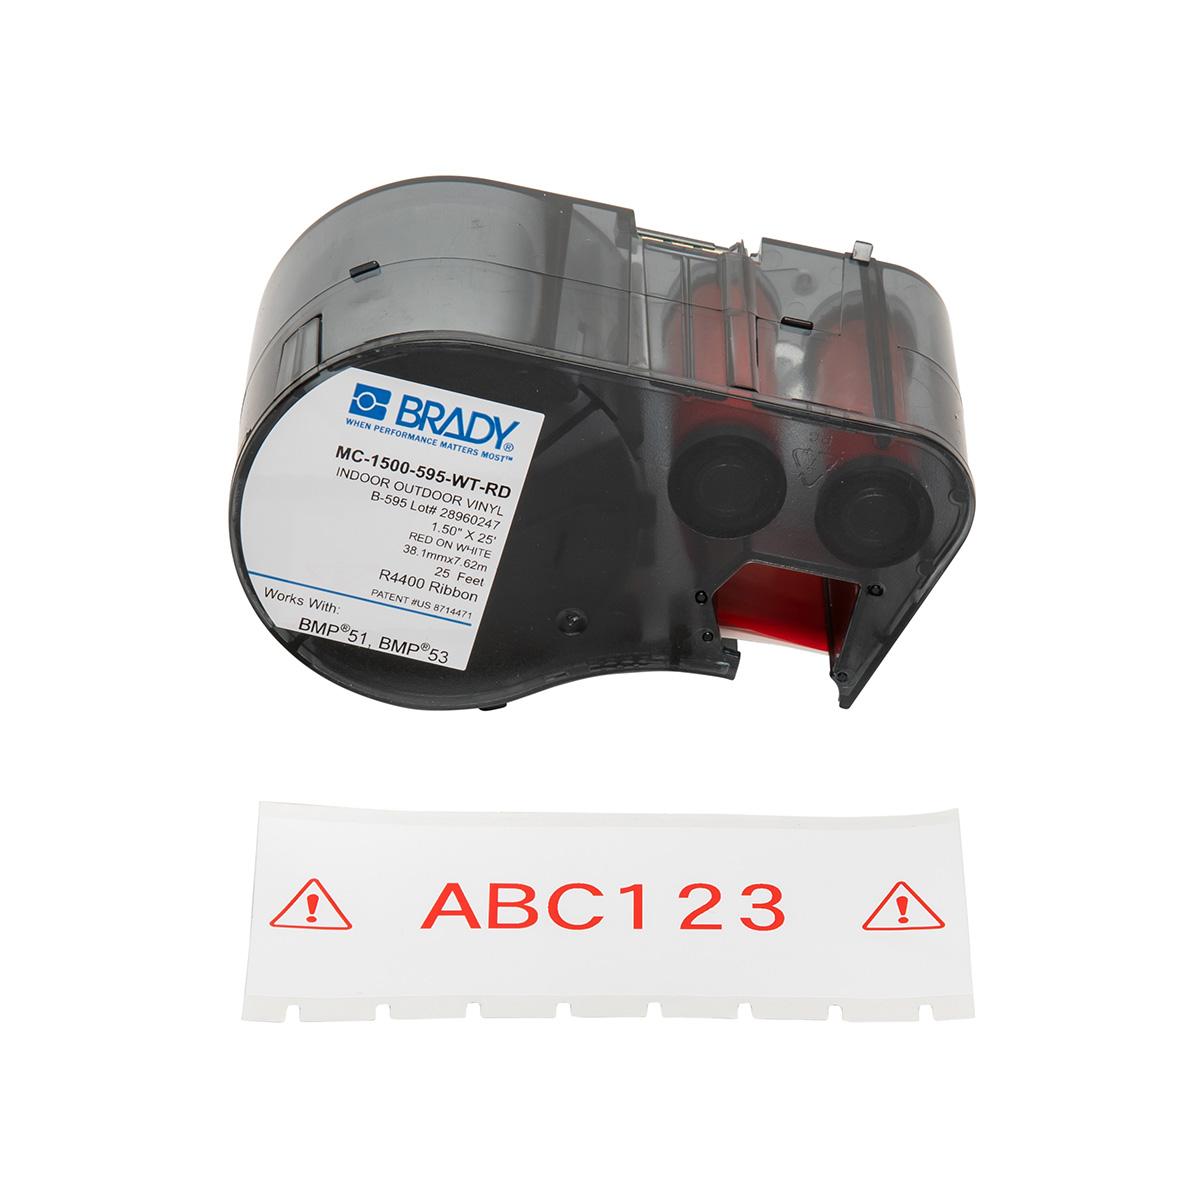 """BRADY MC-1500-595-WT-RD MseriesB595 Rd/Wht 1.50""""X25' 1 Roll"""